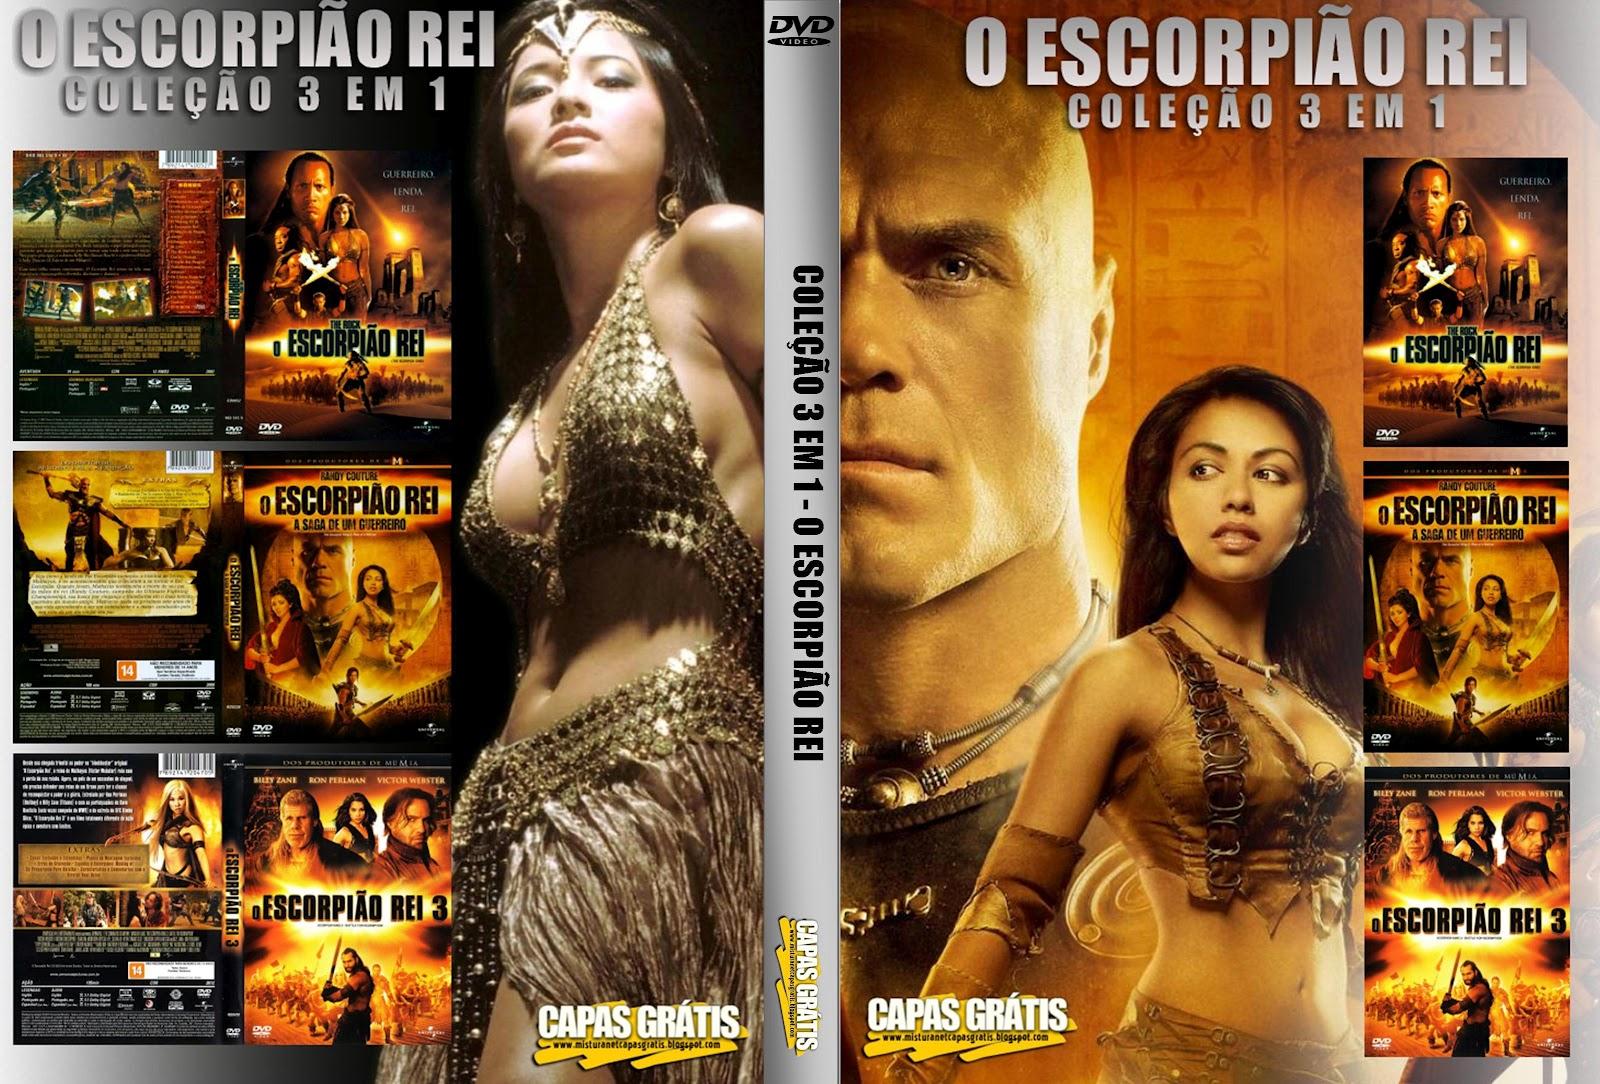 capa do filme O Escorpião Rei 3 EM 1